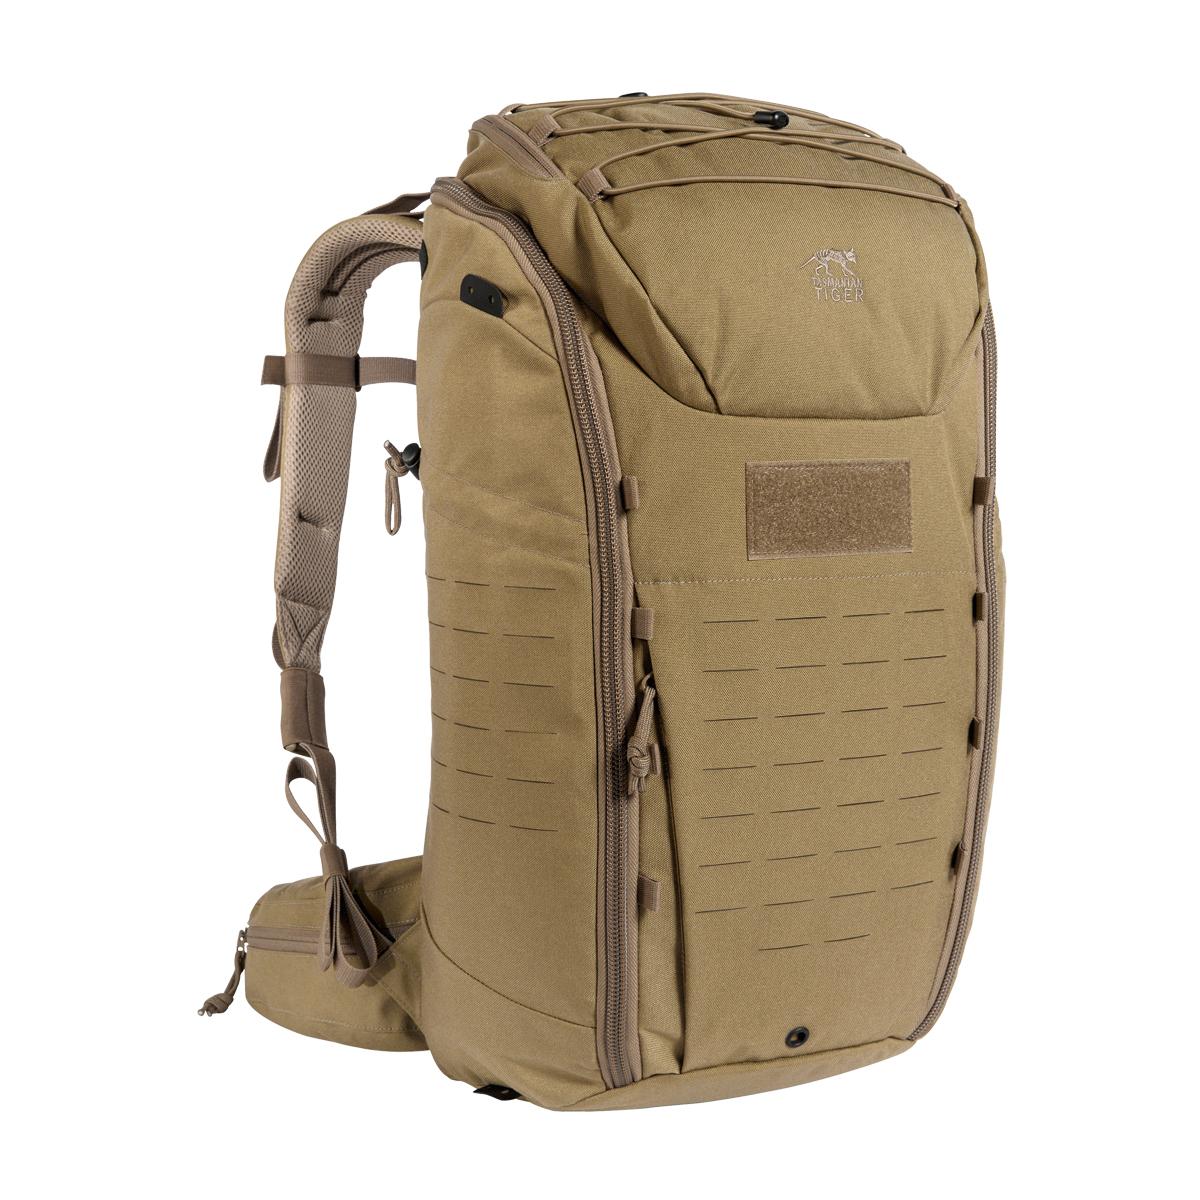 Рюкзак TT MODULAR PACK 30 khaki, 7593.343, Тактические рюкзаки - арт. 1020040264